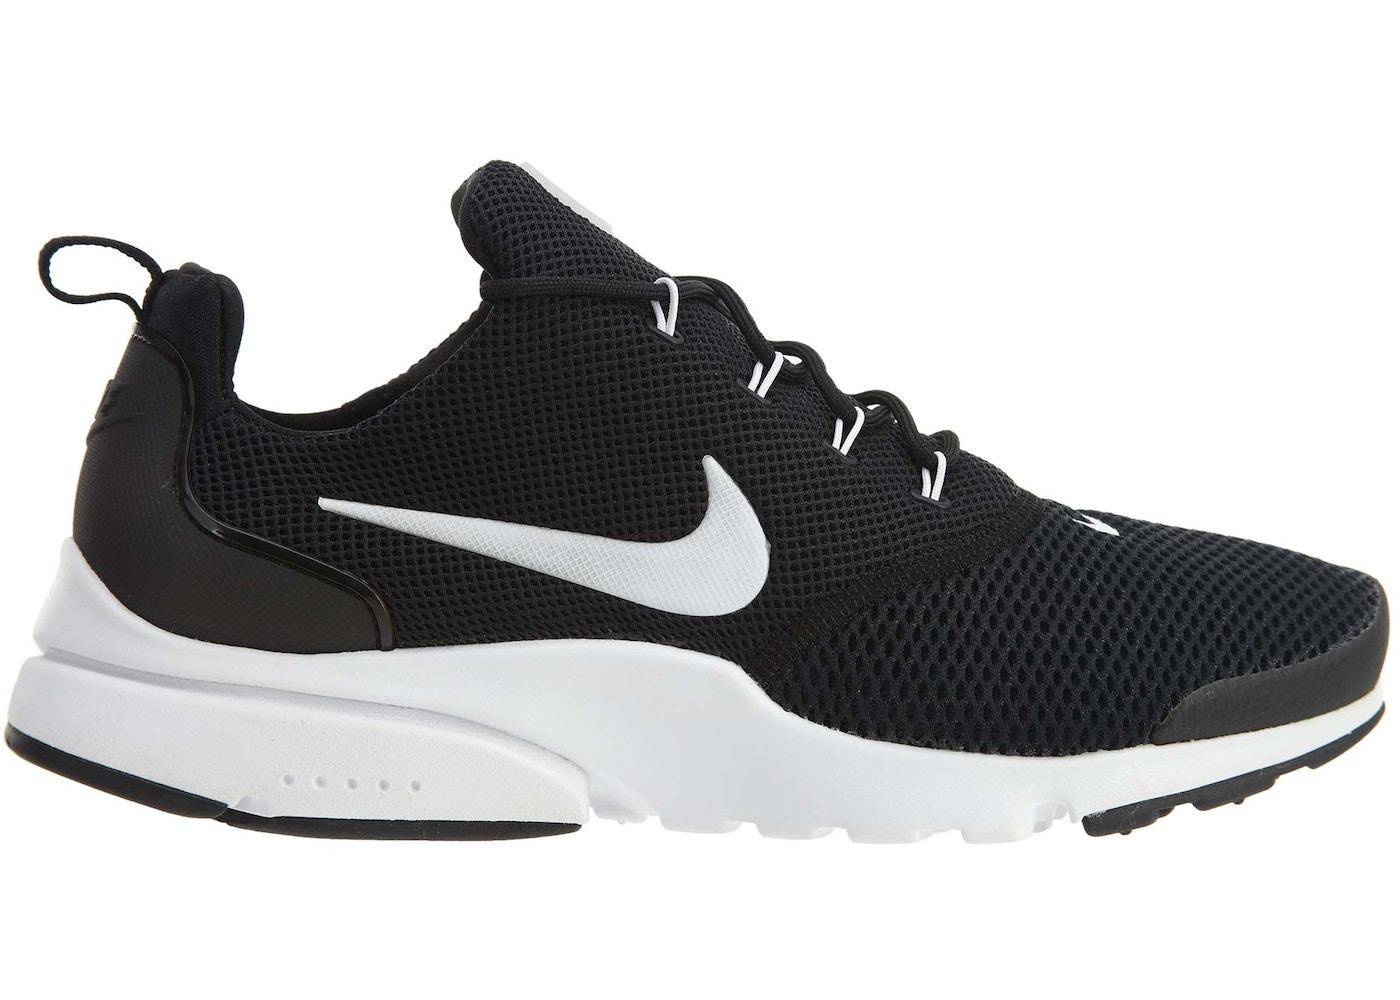 7d4bbbf9ff63 Nike Presto Fly Black White-Black - 908019-002